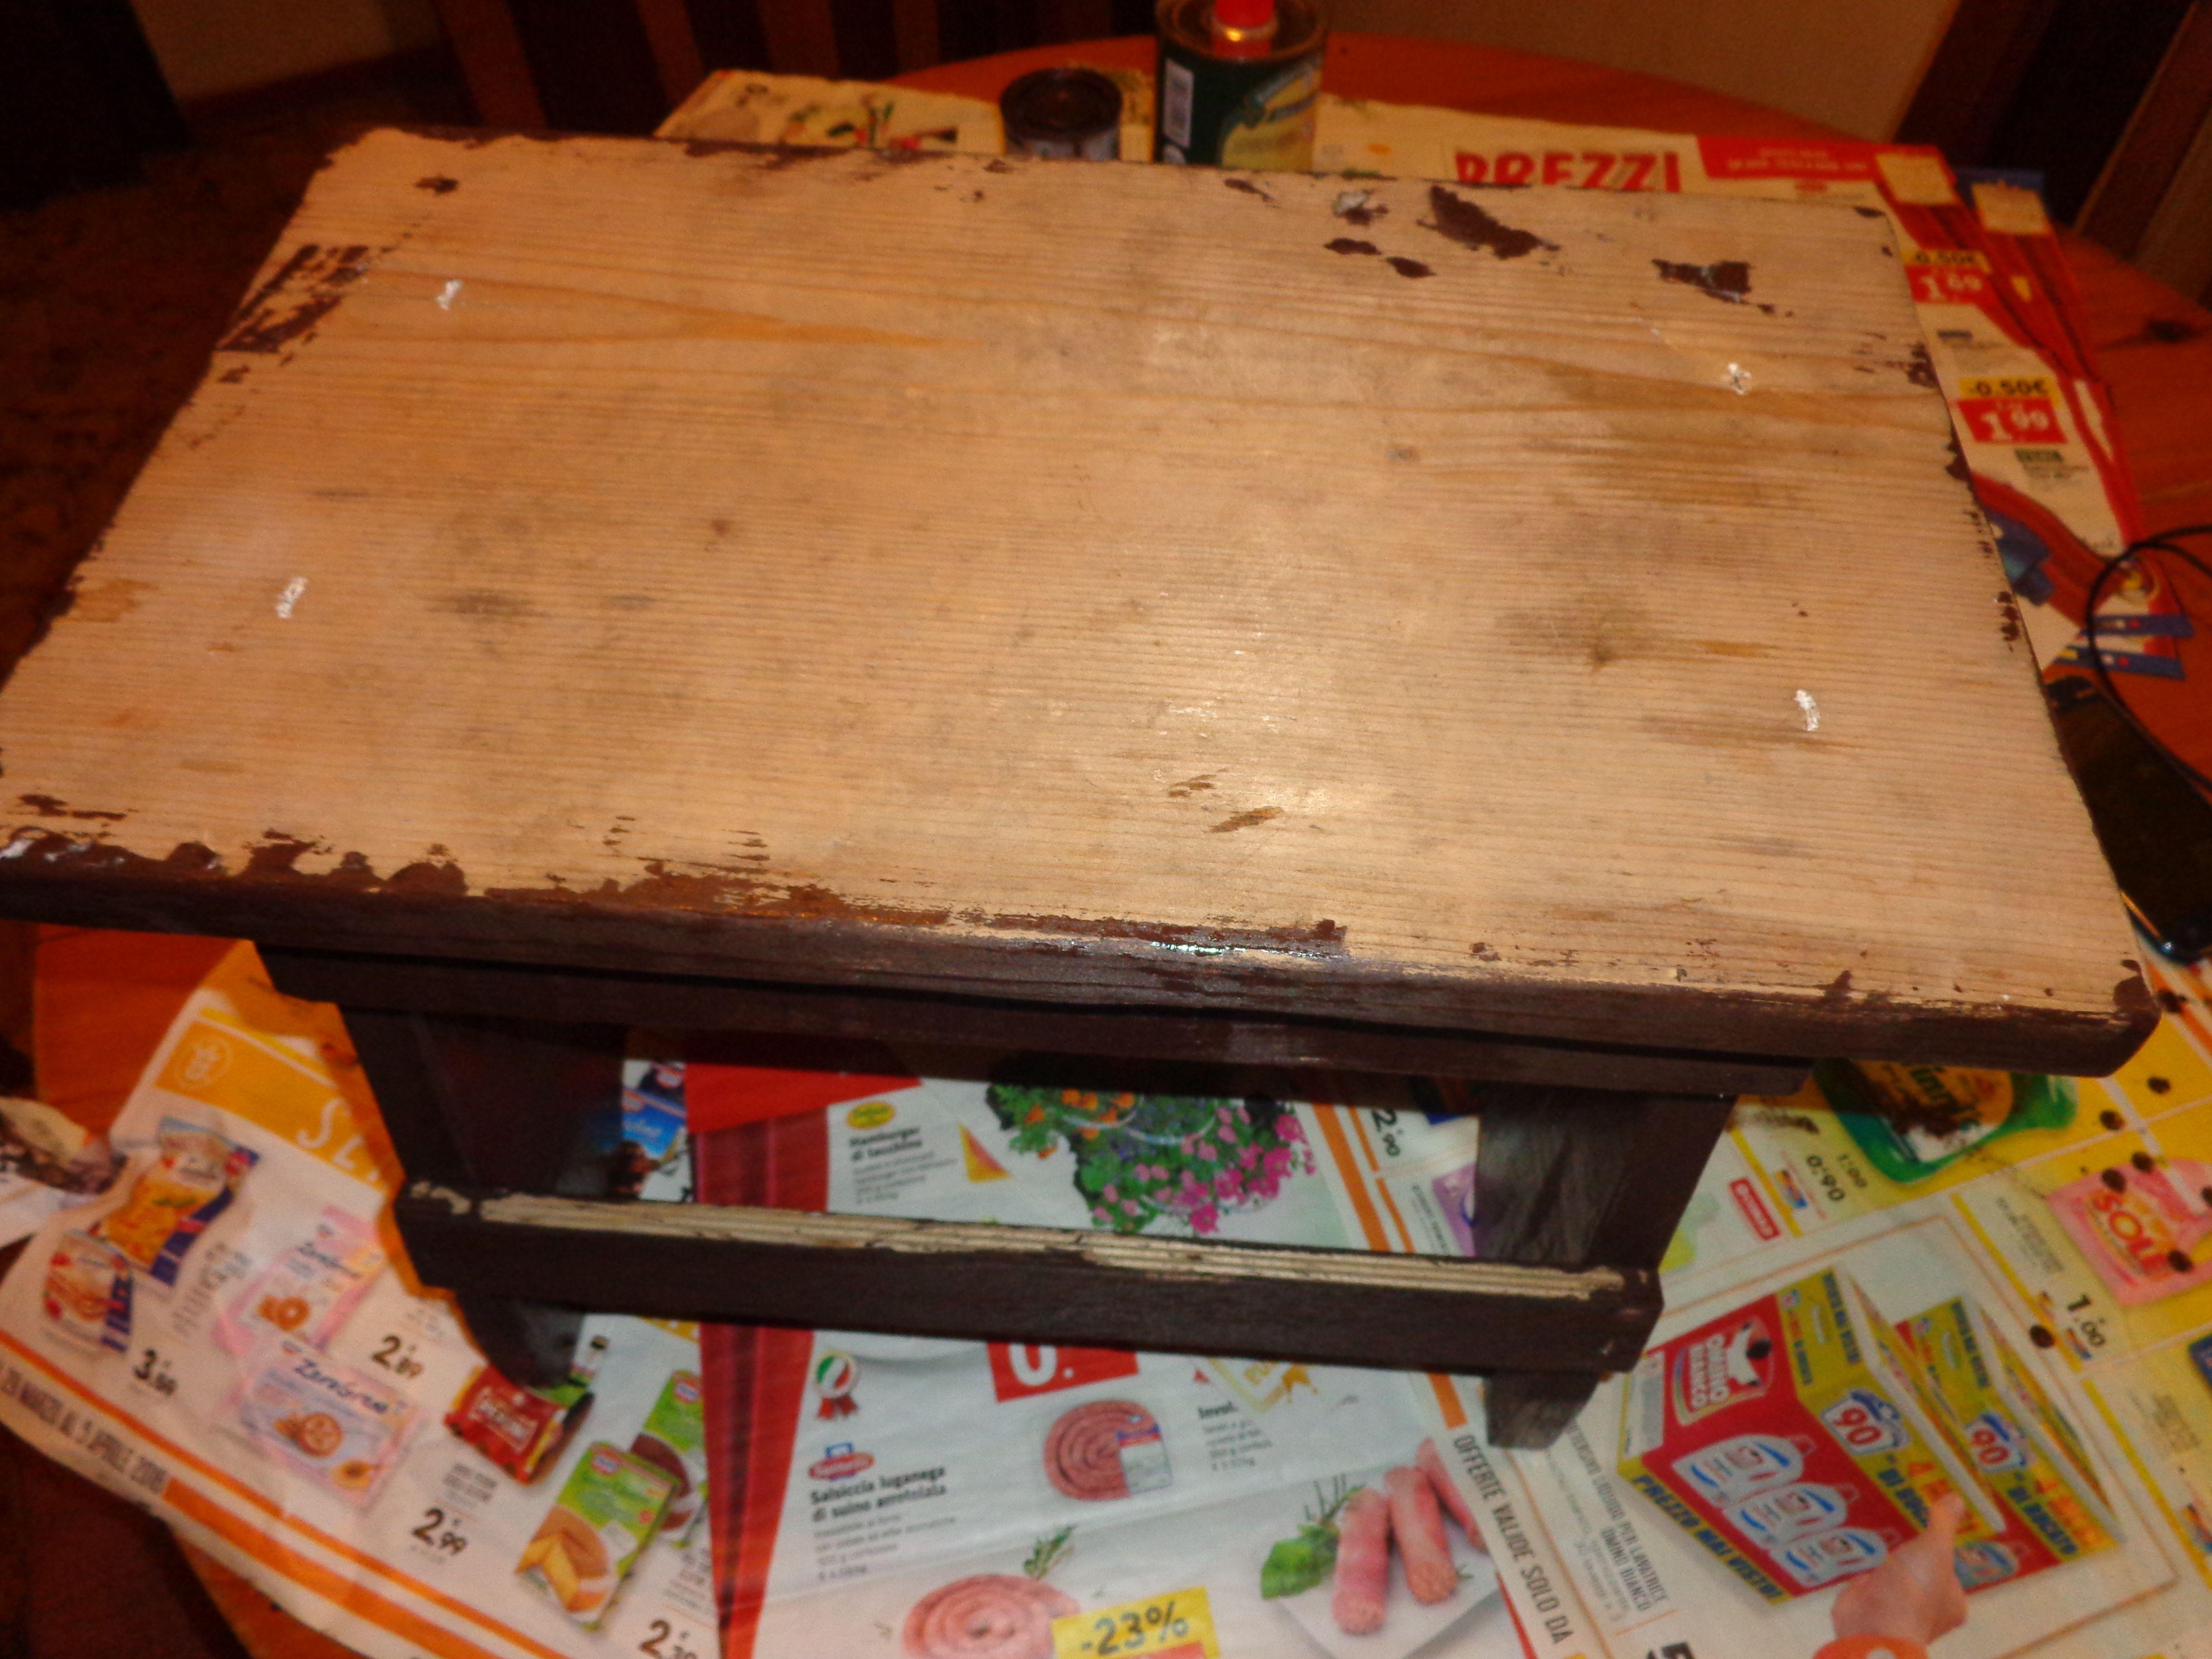 Decorazione sgabello di legno grezzo prima mano di smalto marrone